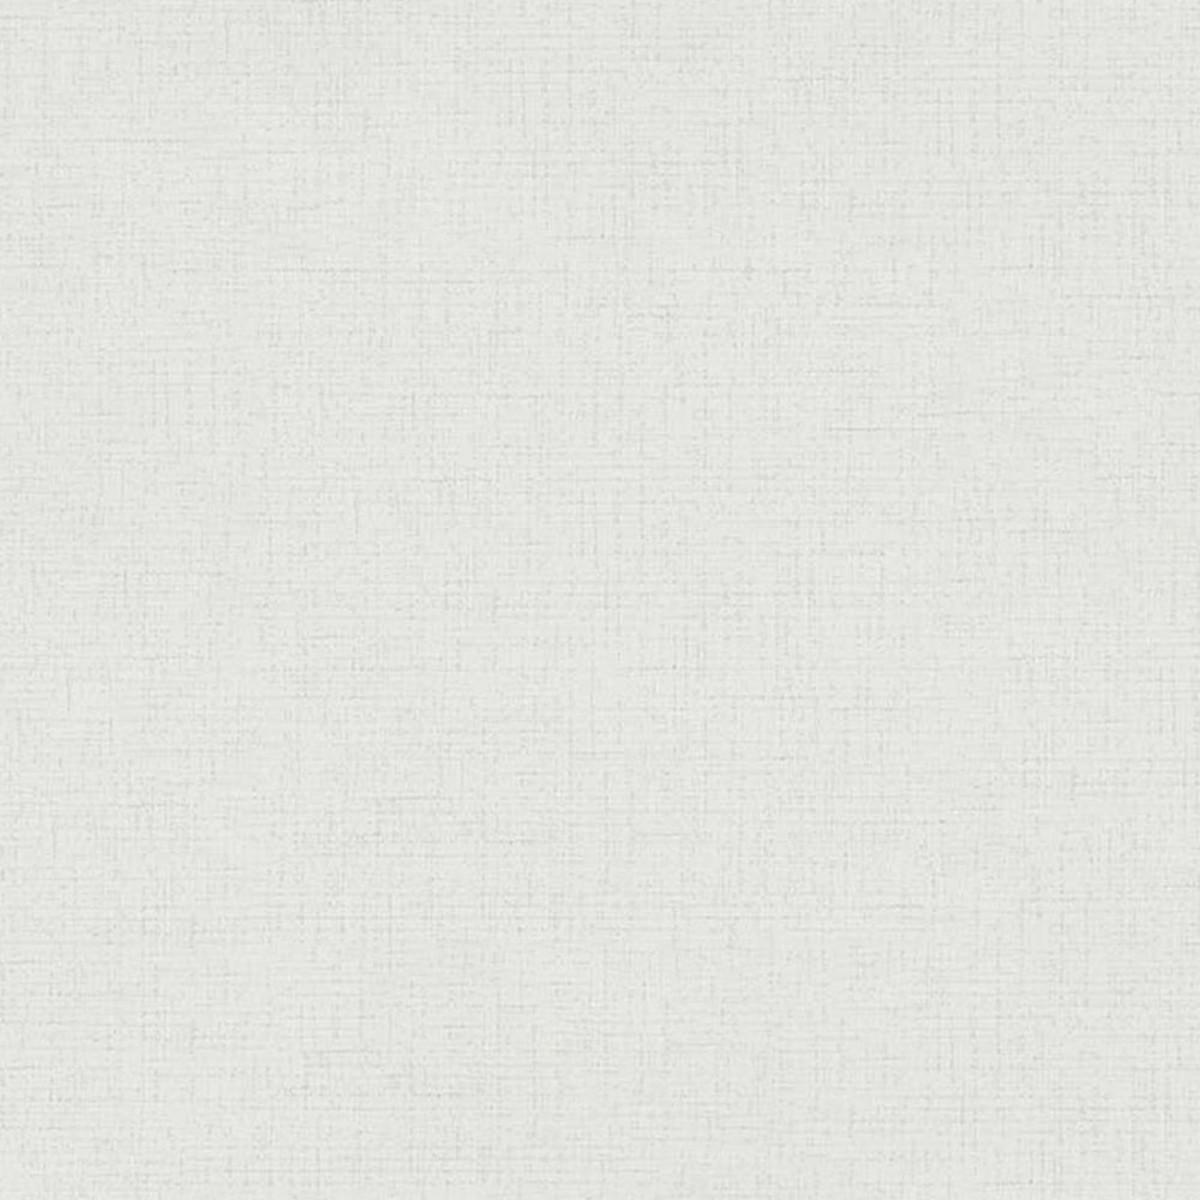 Обои виниловые Gaenari серые 1.06 м 81139-6